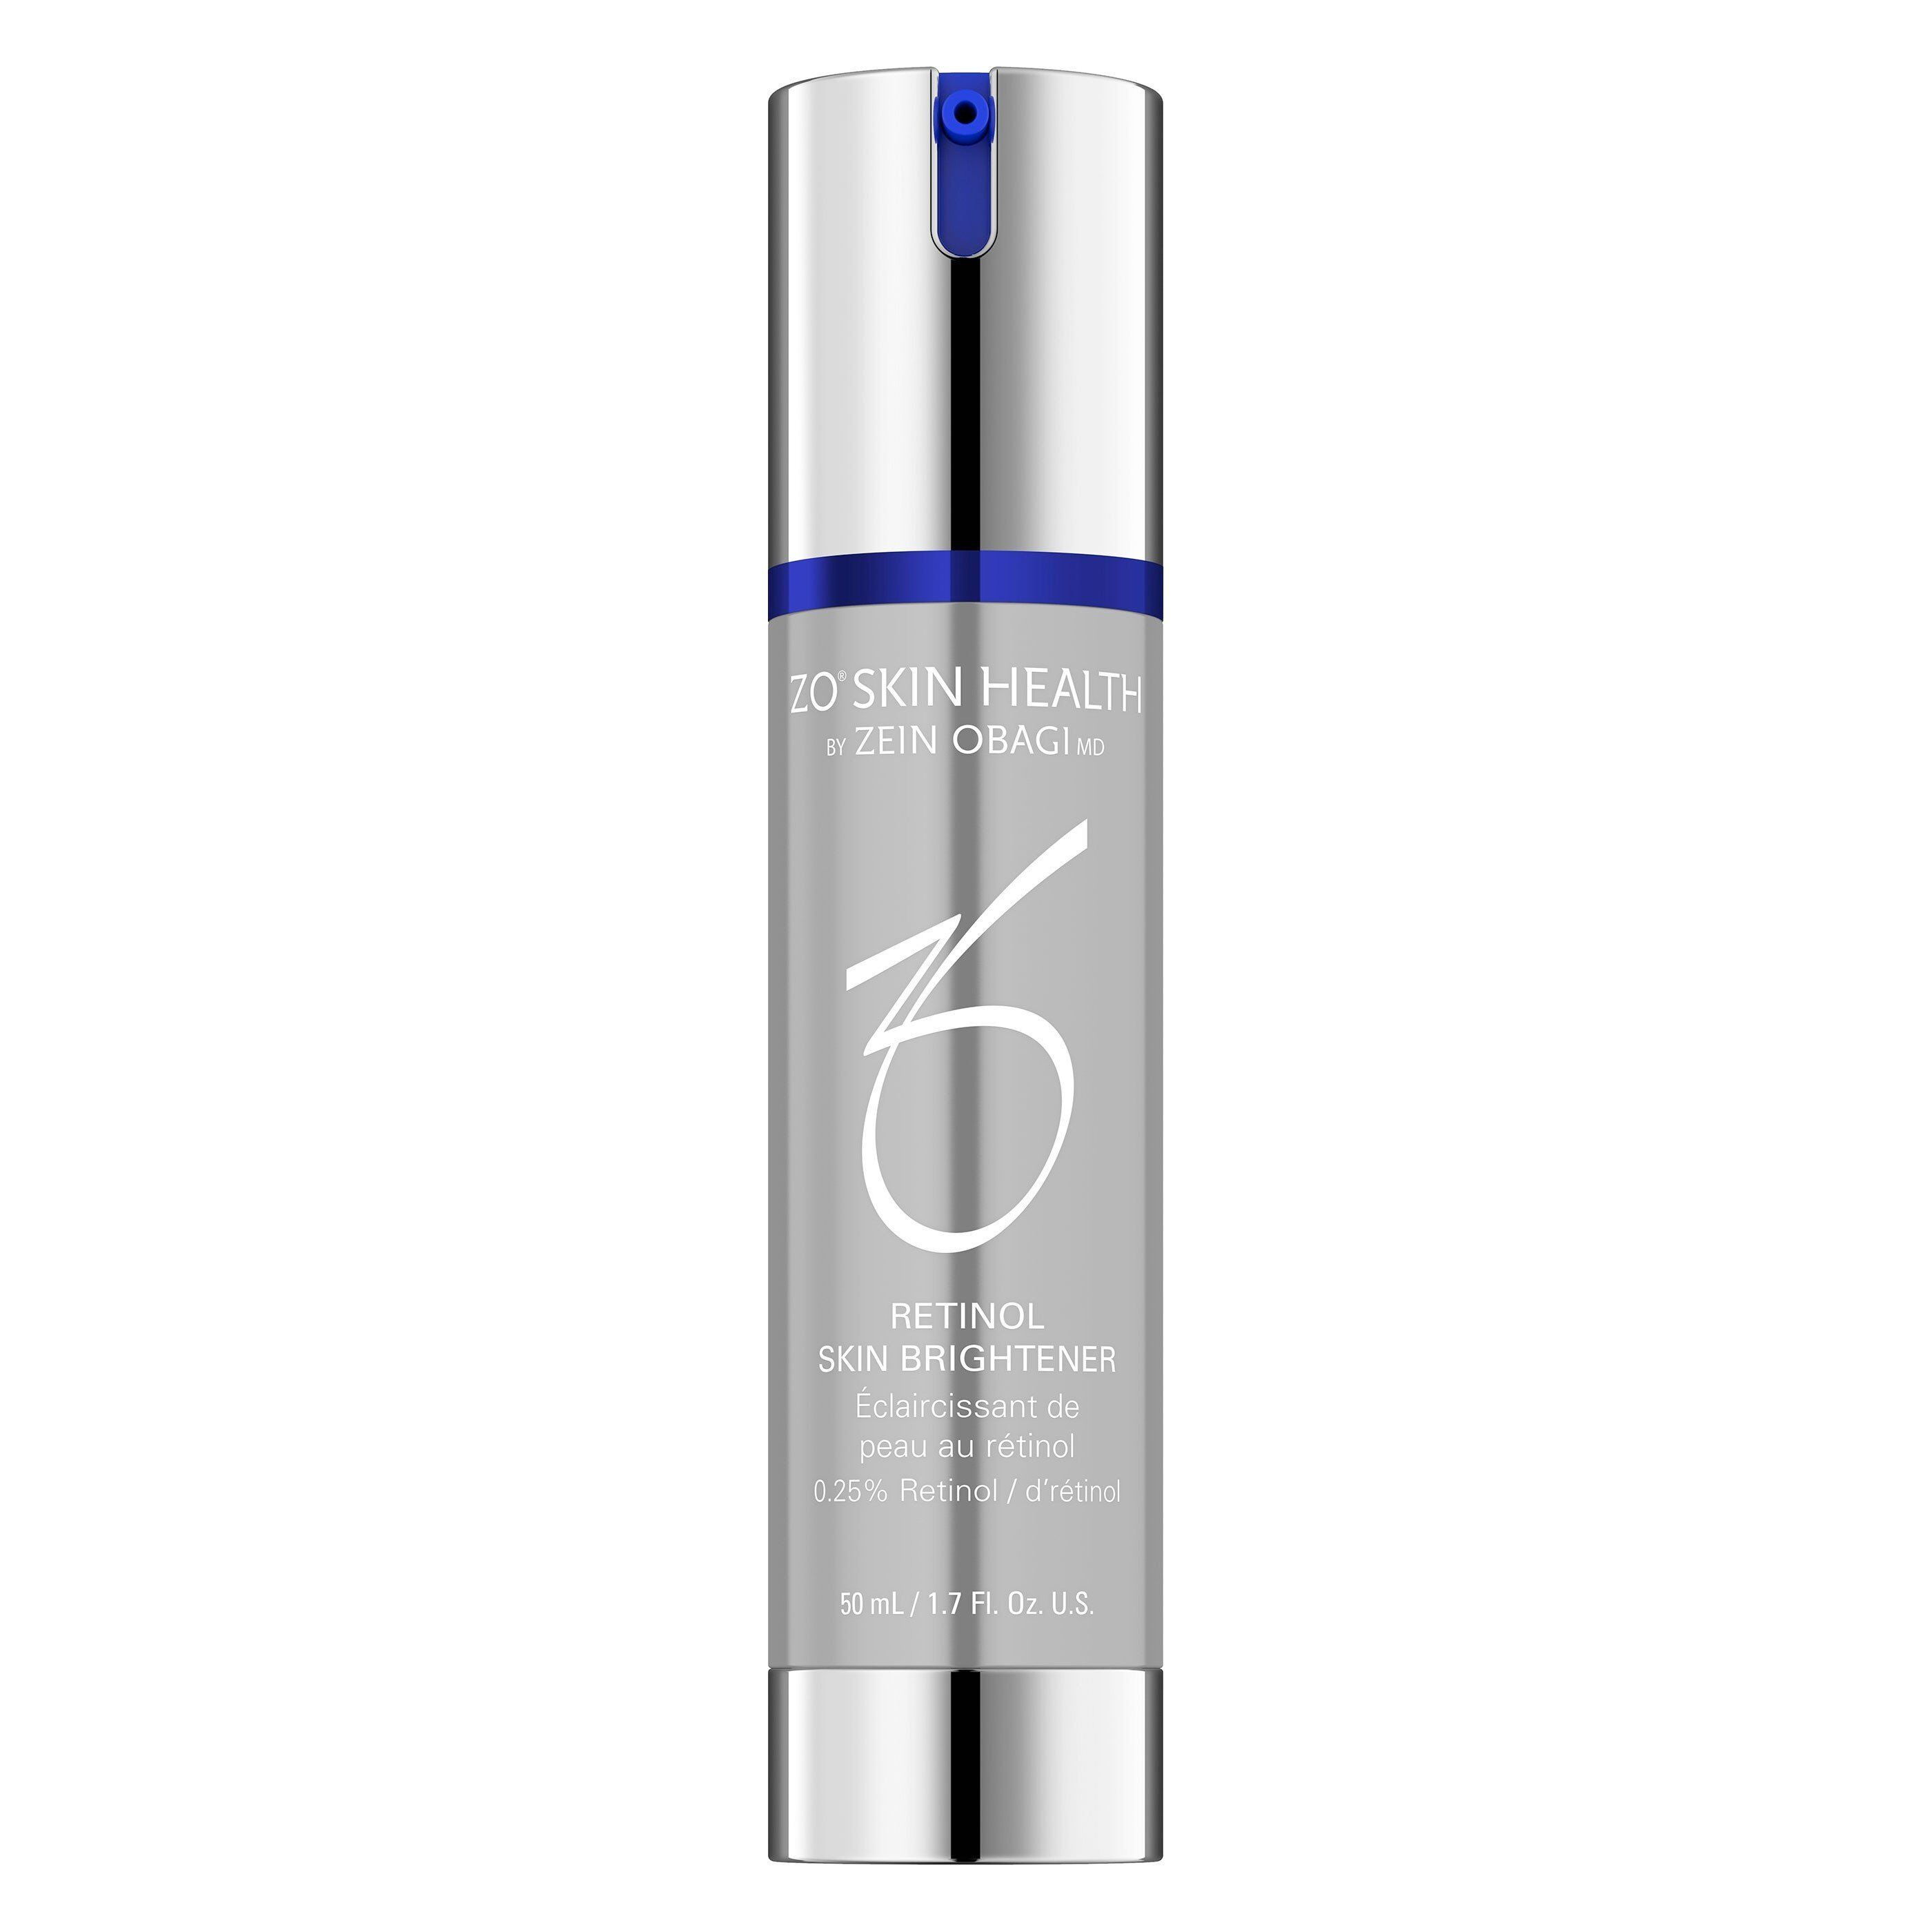 ZO Skin Health - Retinol Skin Brightener 0.25%